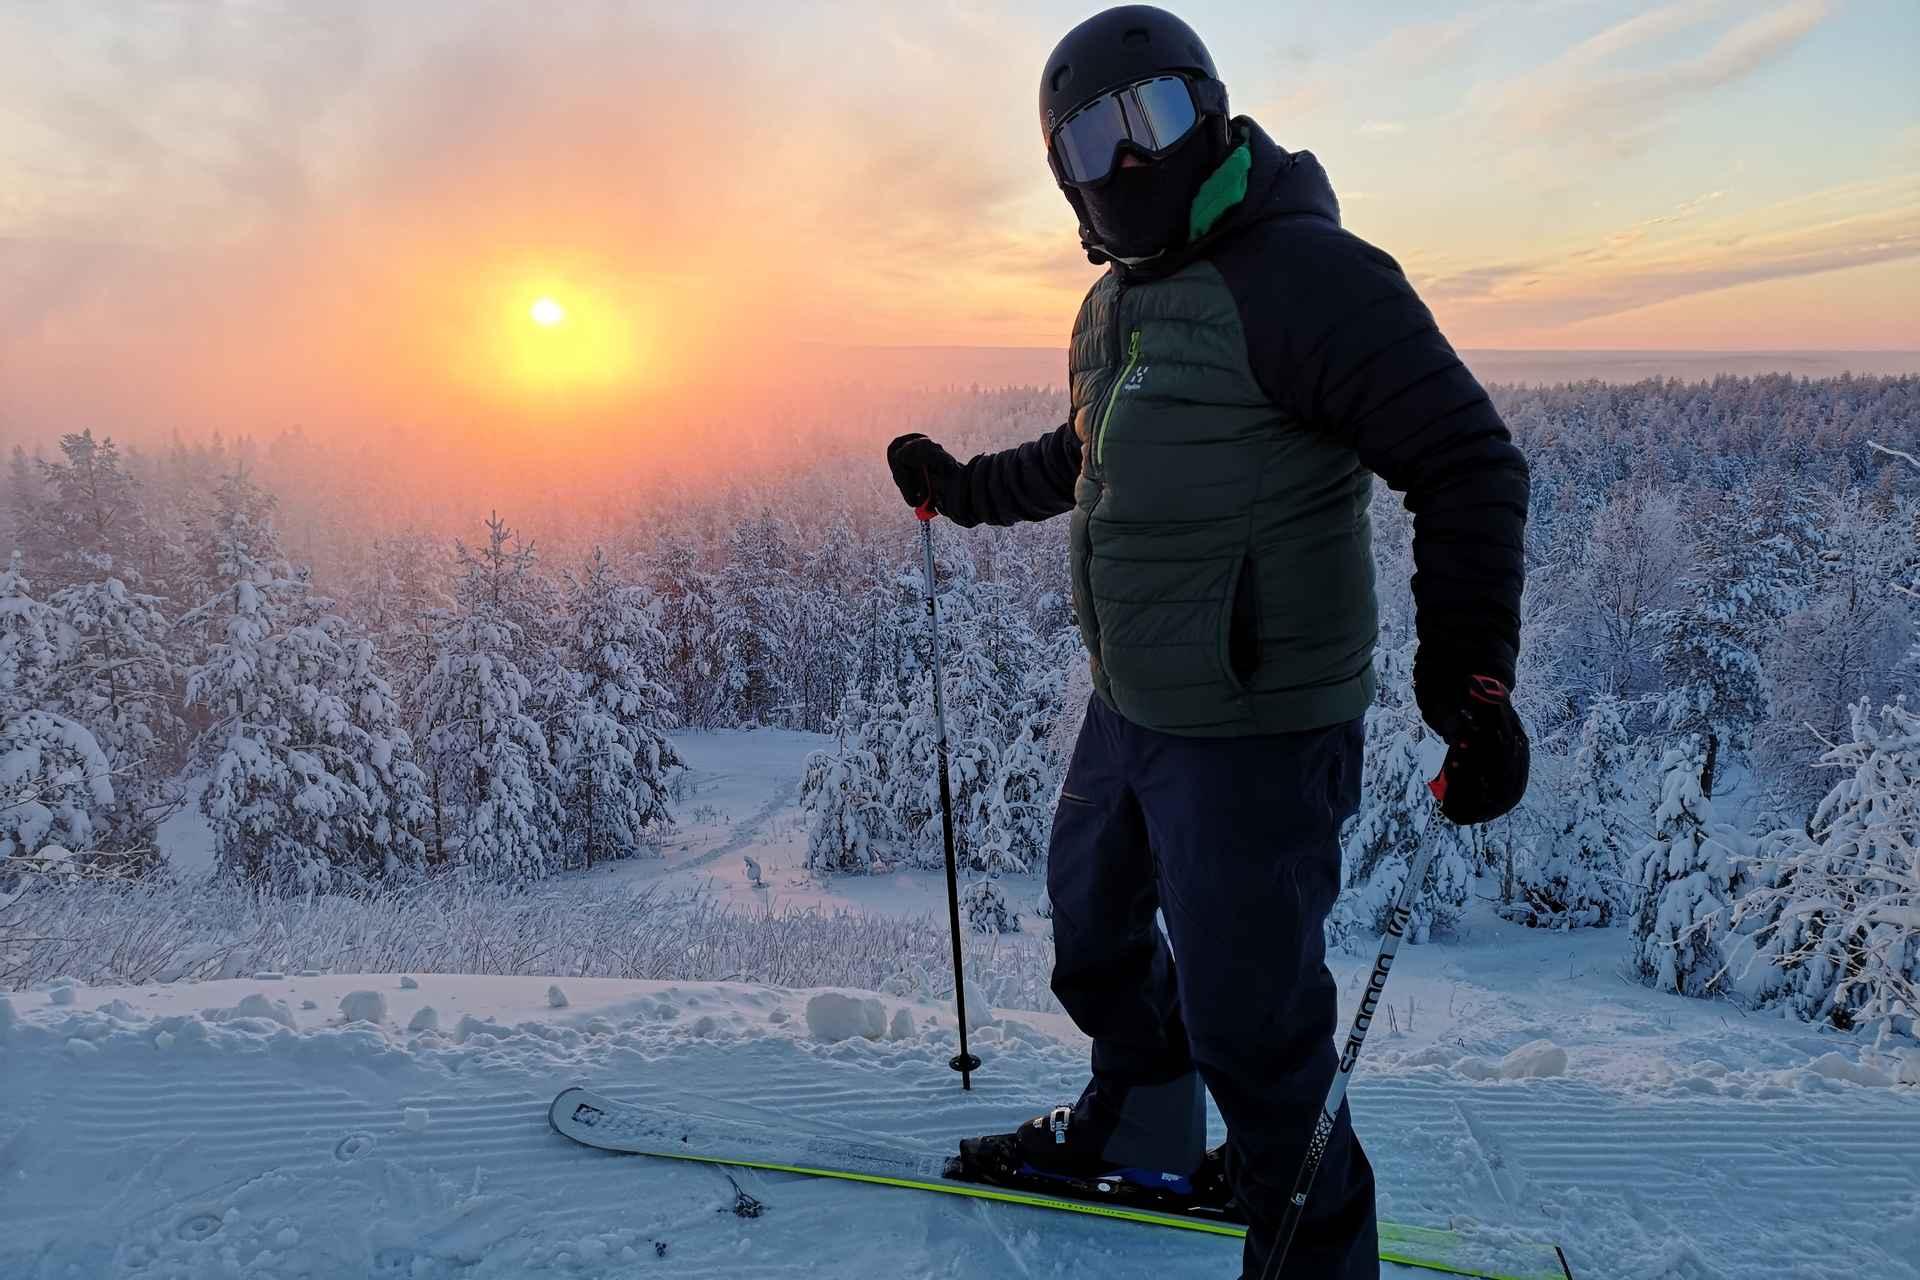 Tammikuussa kohokohtana oli 3 h laskettelulipulla se, että näki sekä auringonnousun että auringonlaskun samalla lipulla Tottorakan huipulta!